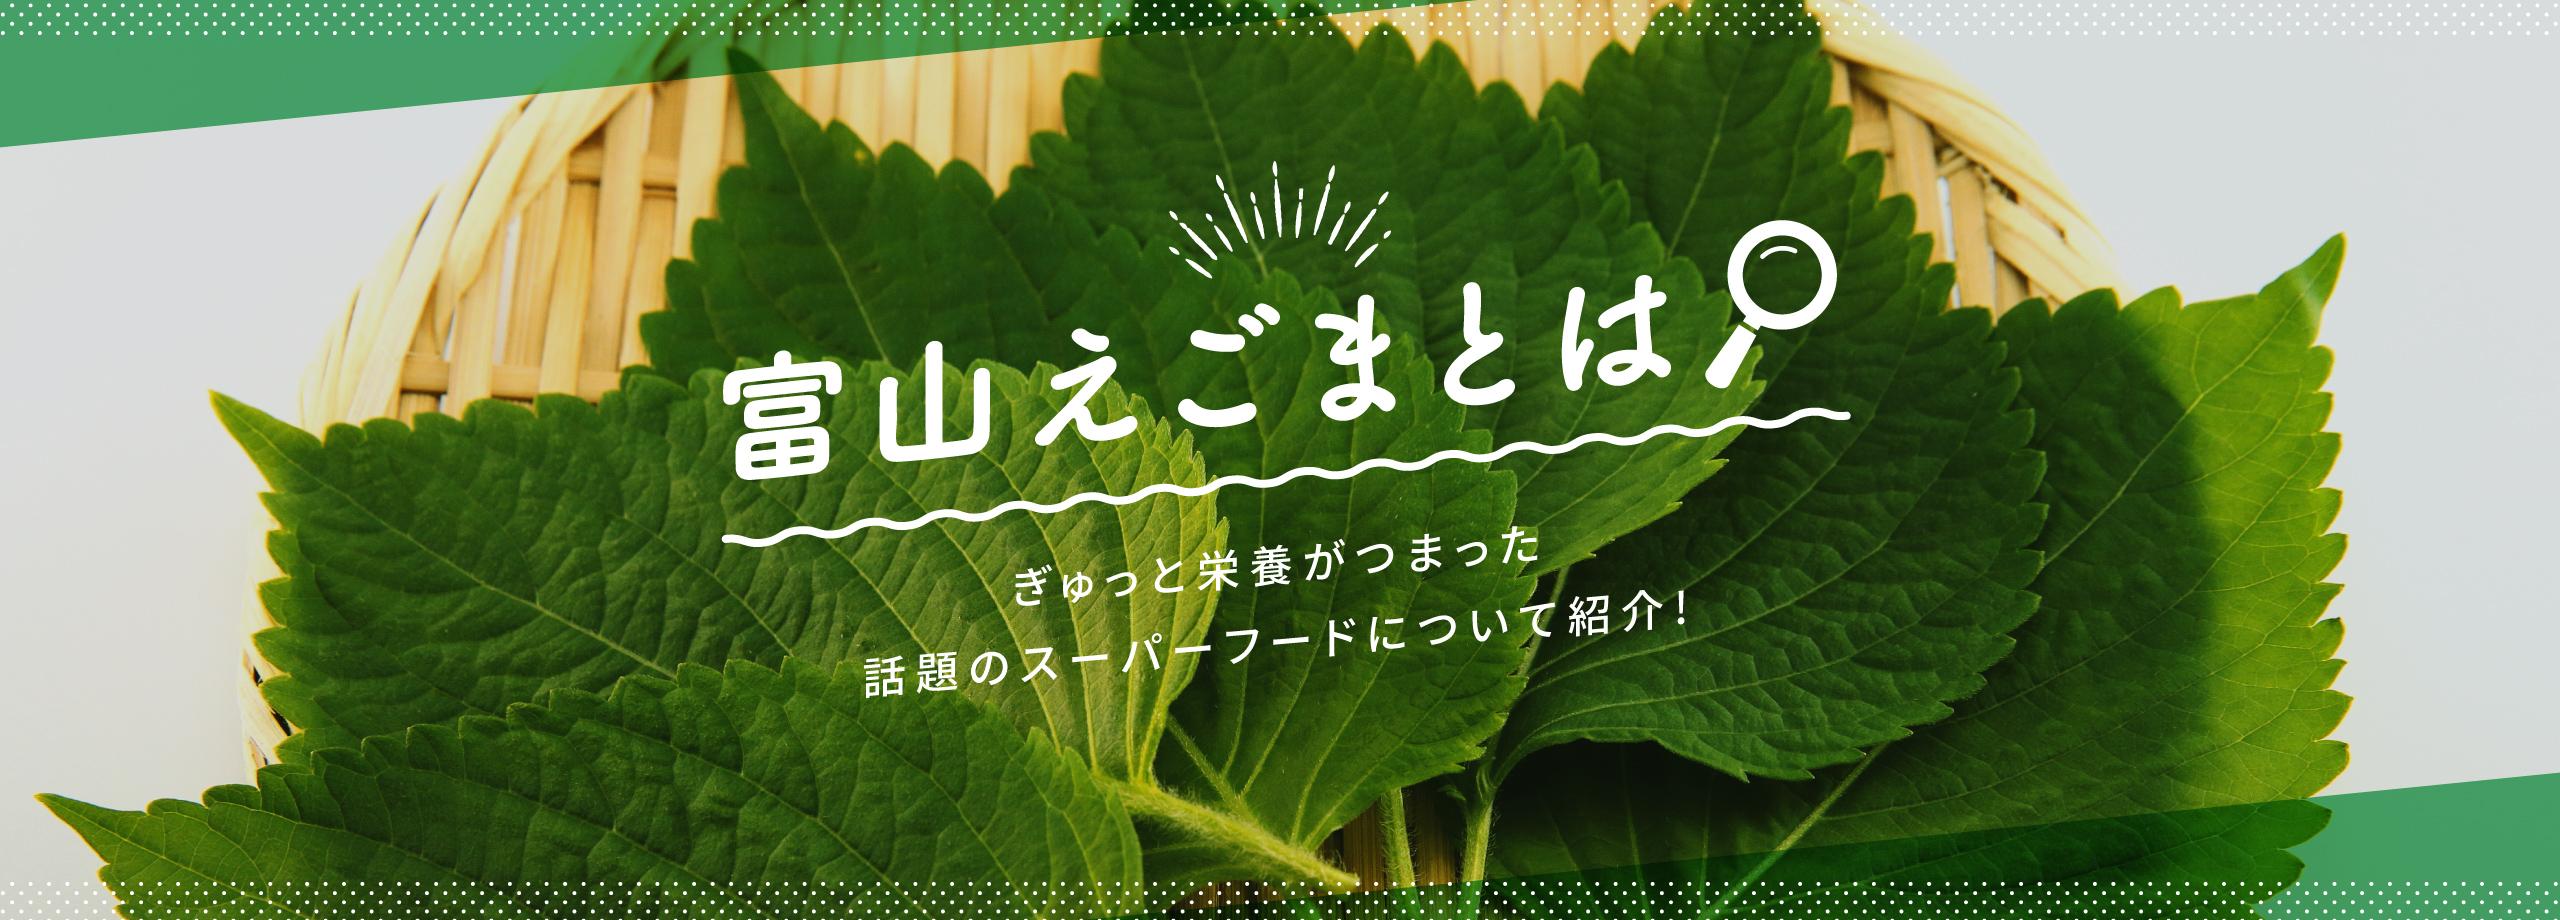 富山えごまとは ぎゅっと栄養がつまった話題のスーパーフードについて紹介!